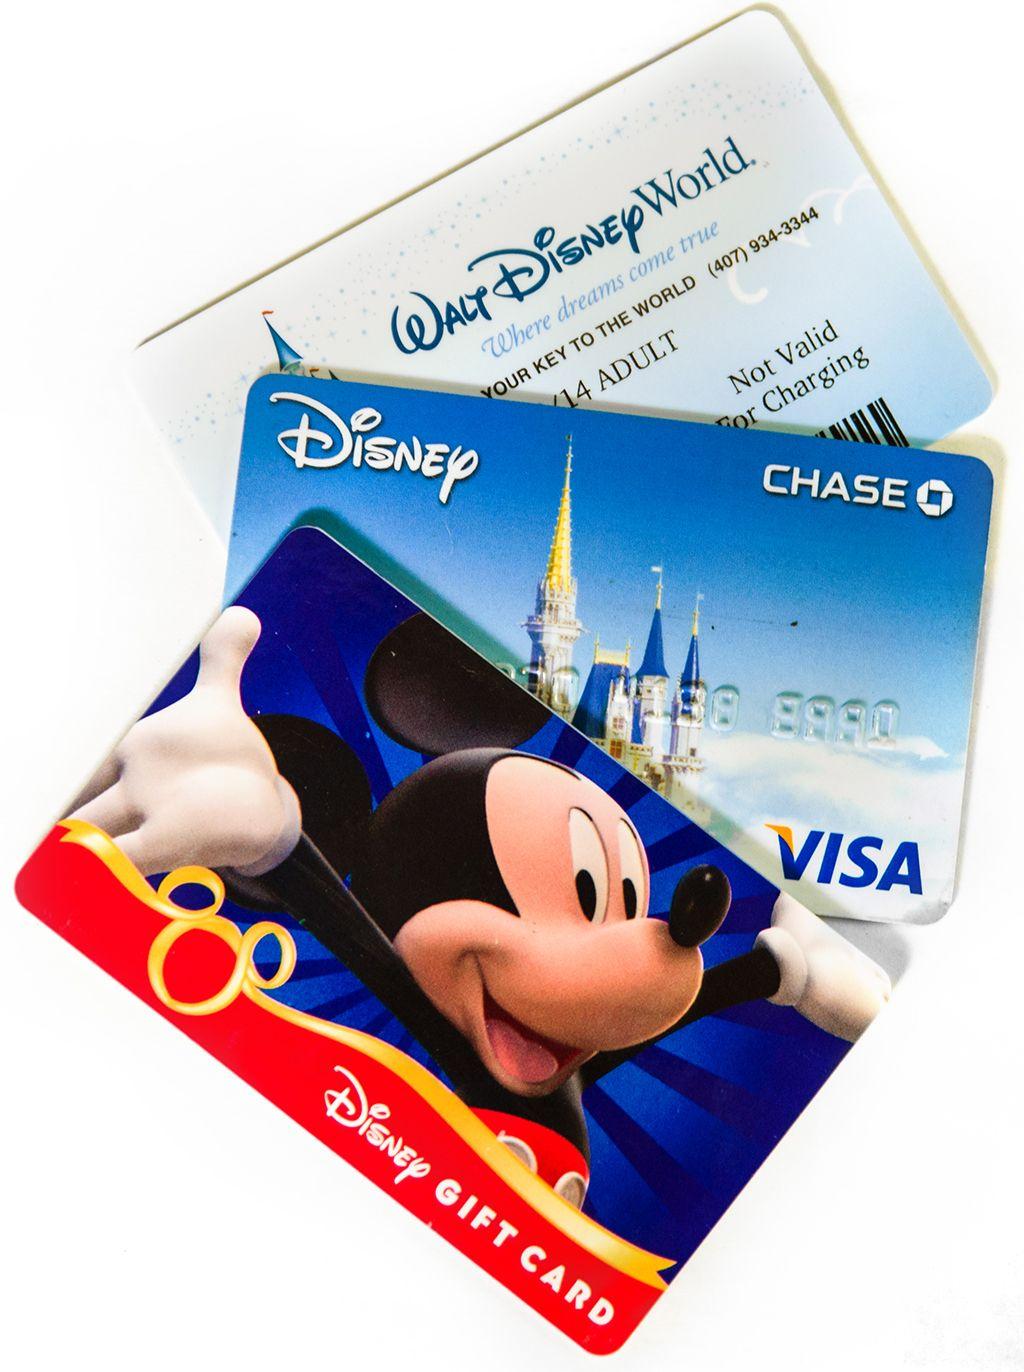 Disney visa credit card pros cons disney visa credit card